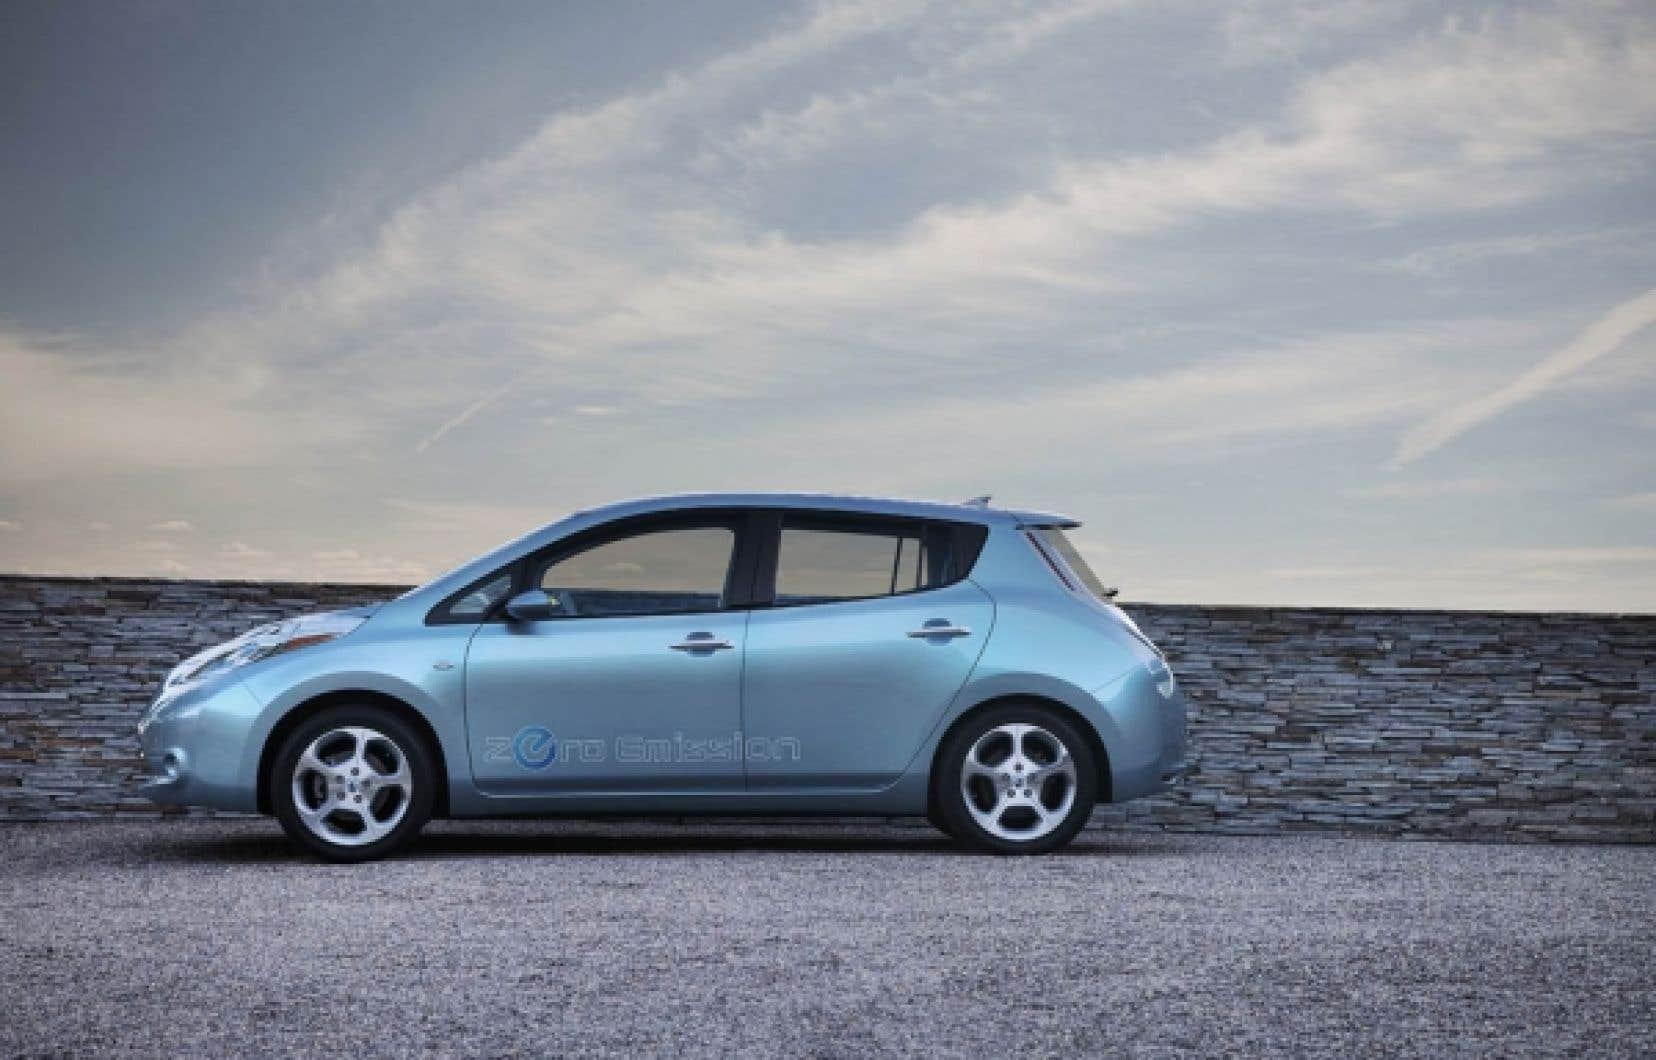 Malgré son design très futuriste, la Nissan LEAF est dotée d'une accélération, d'un espace intérieur et d'une qualité de finition au-dessus de la moyenne des intermédiaires et d'une tenue de route tout à fait acceptable faisant d'elle une voiture électrique qui ne ne dépaysera personne.<br />